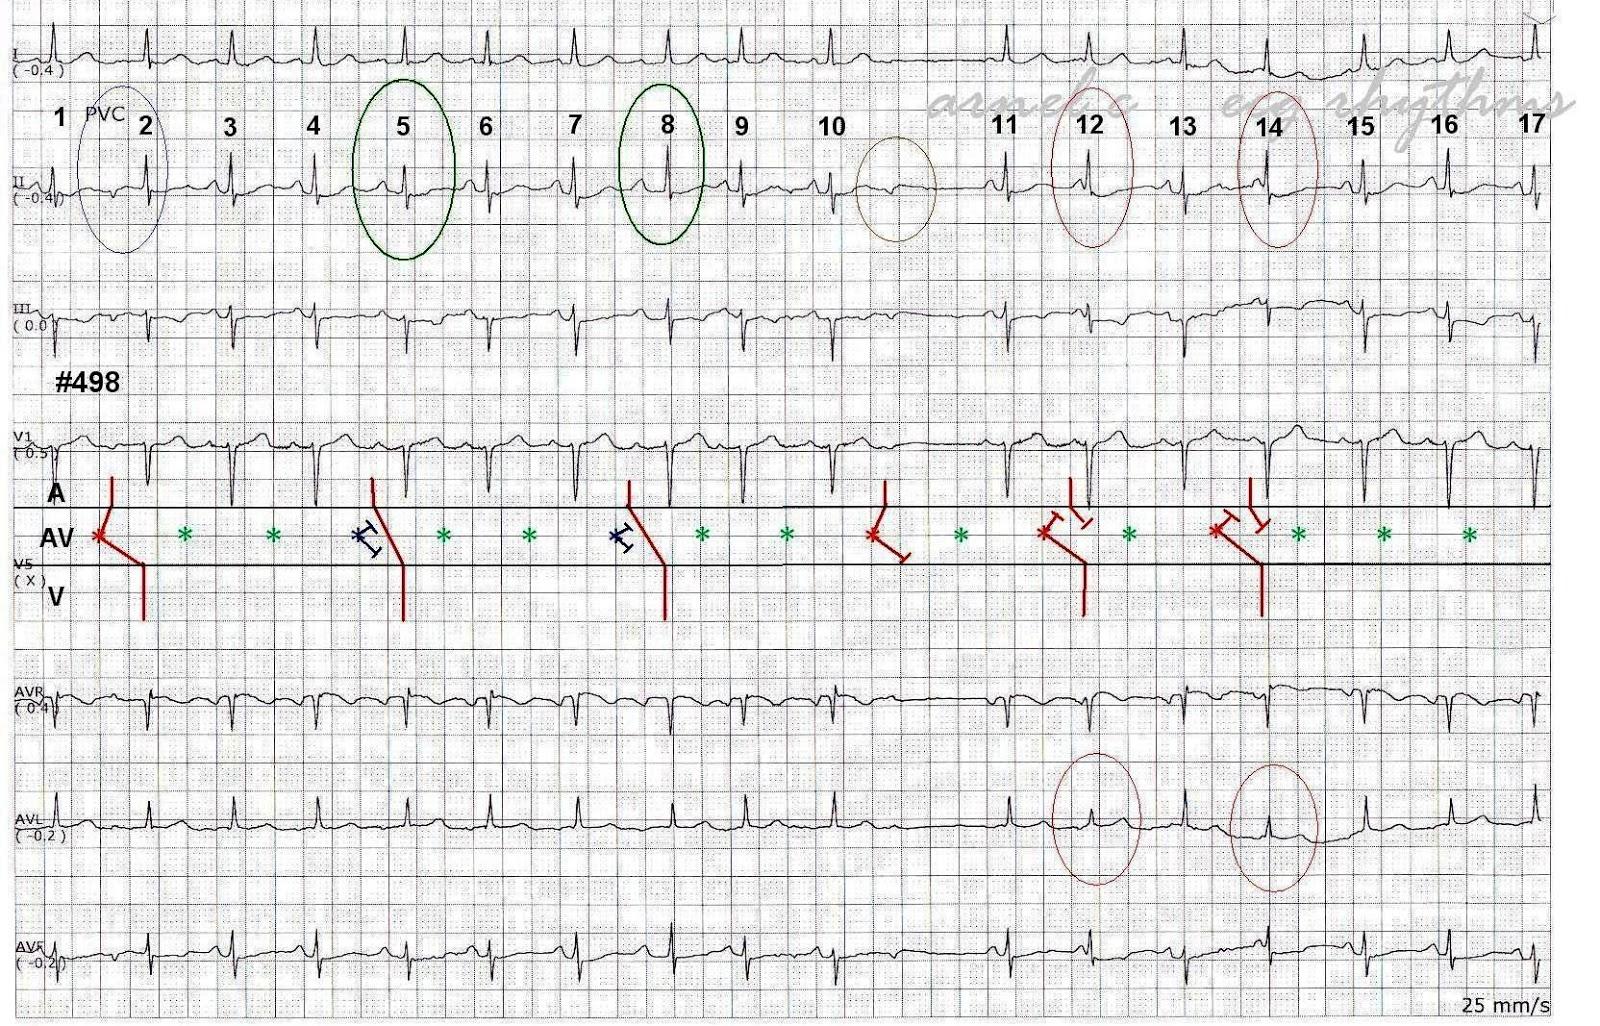 ecg rhythms  several tricks of a pjc in one strip